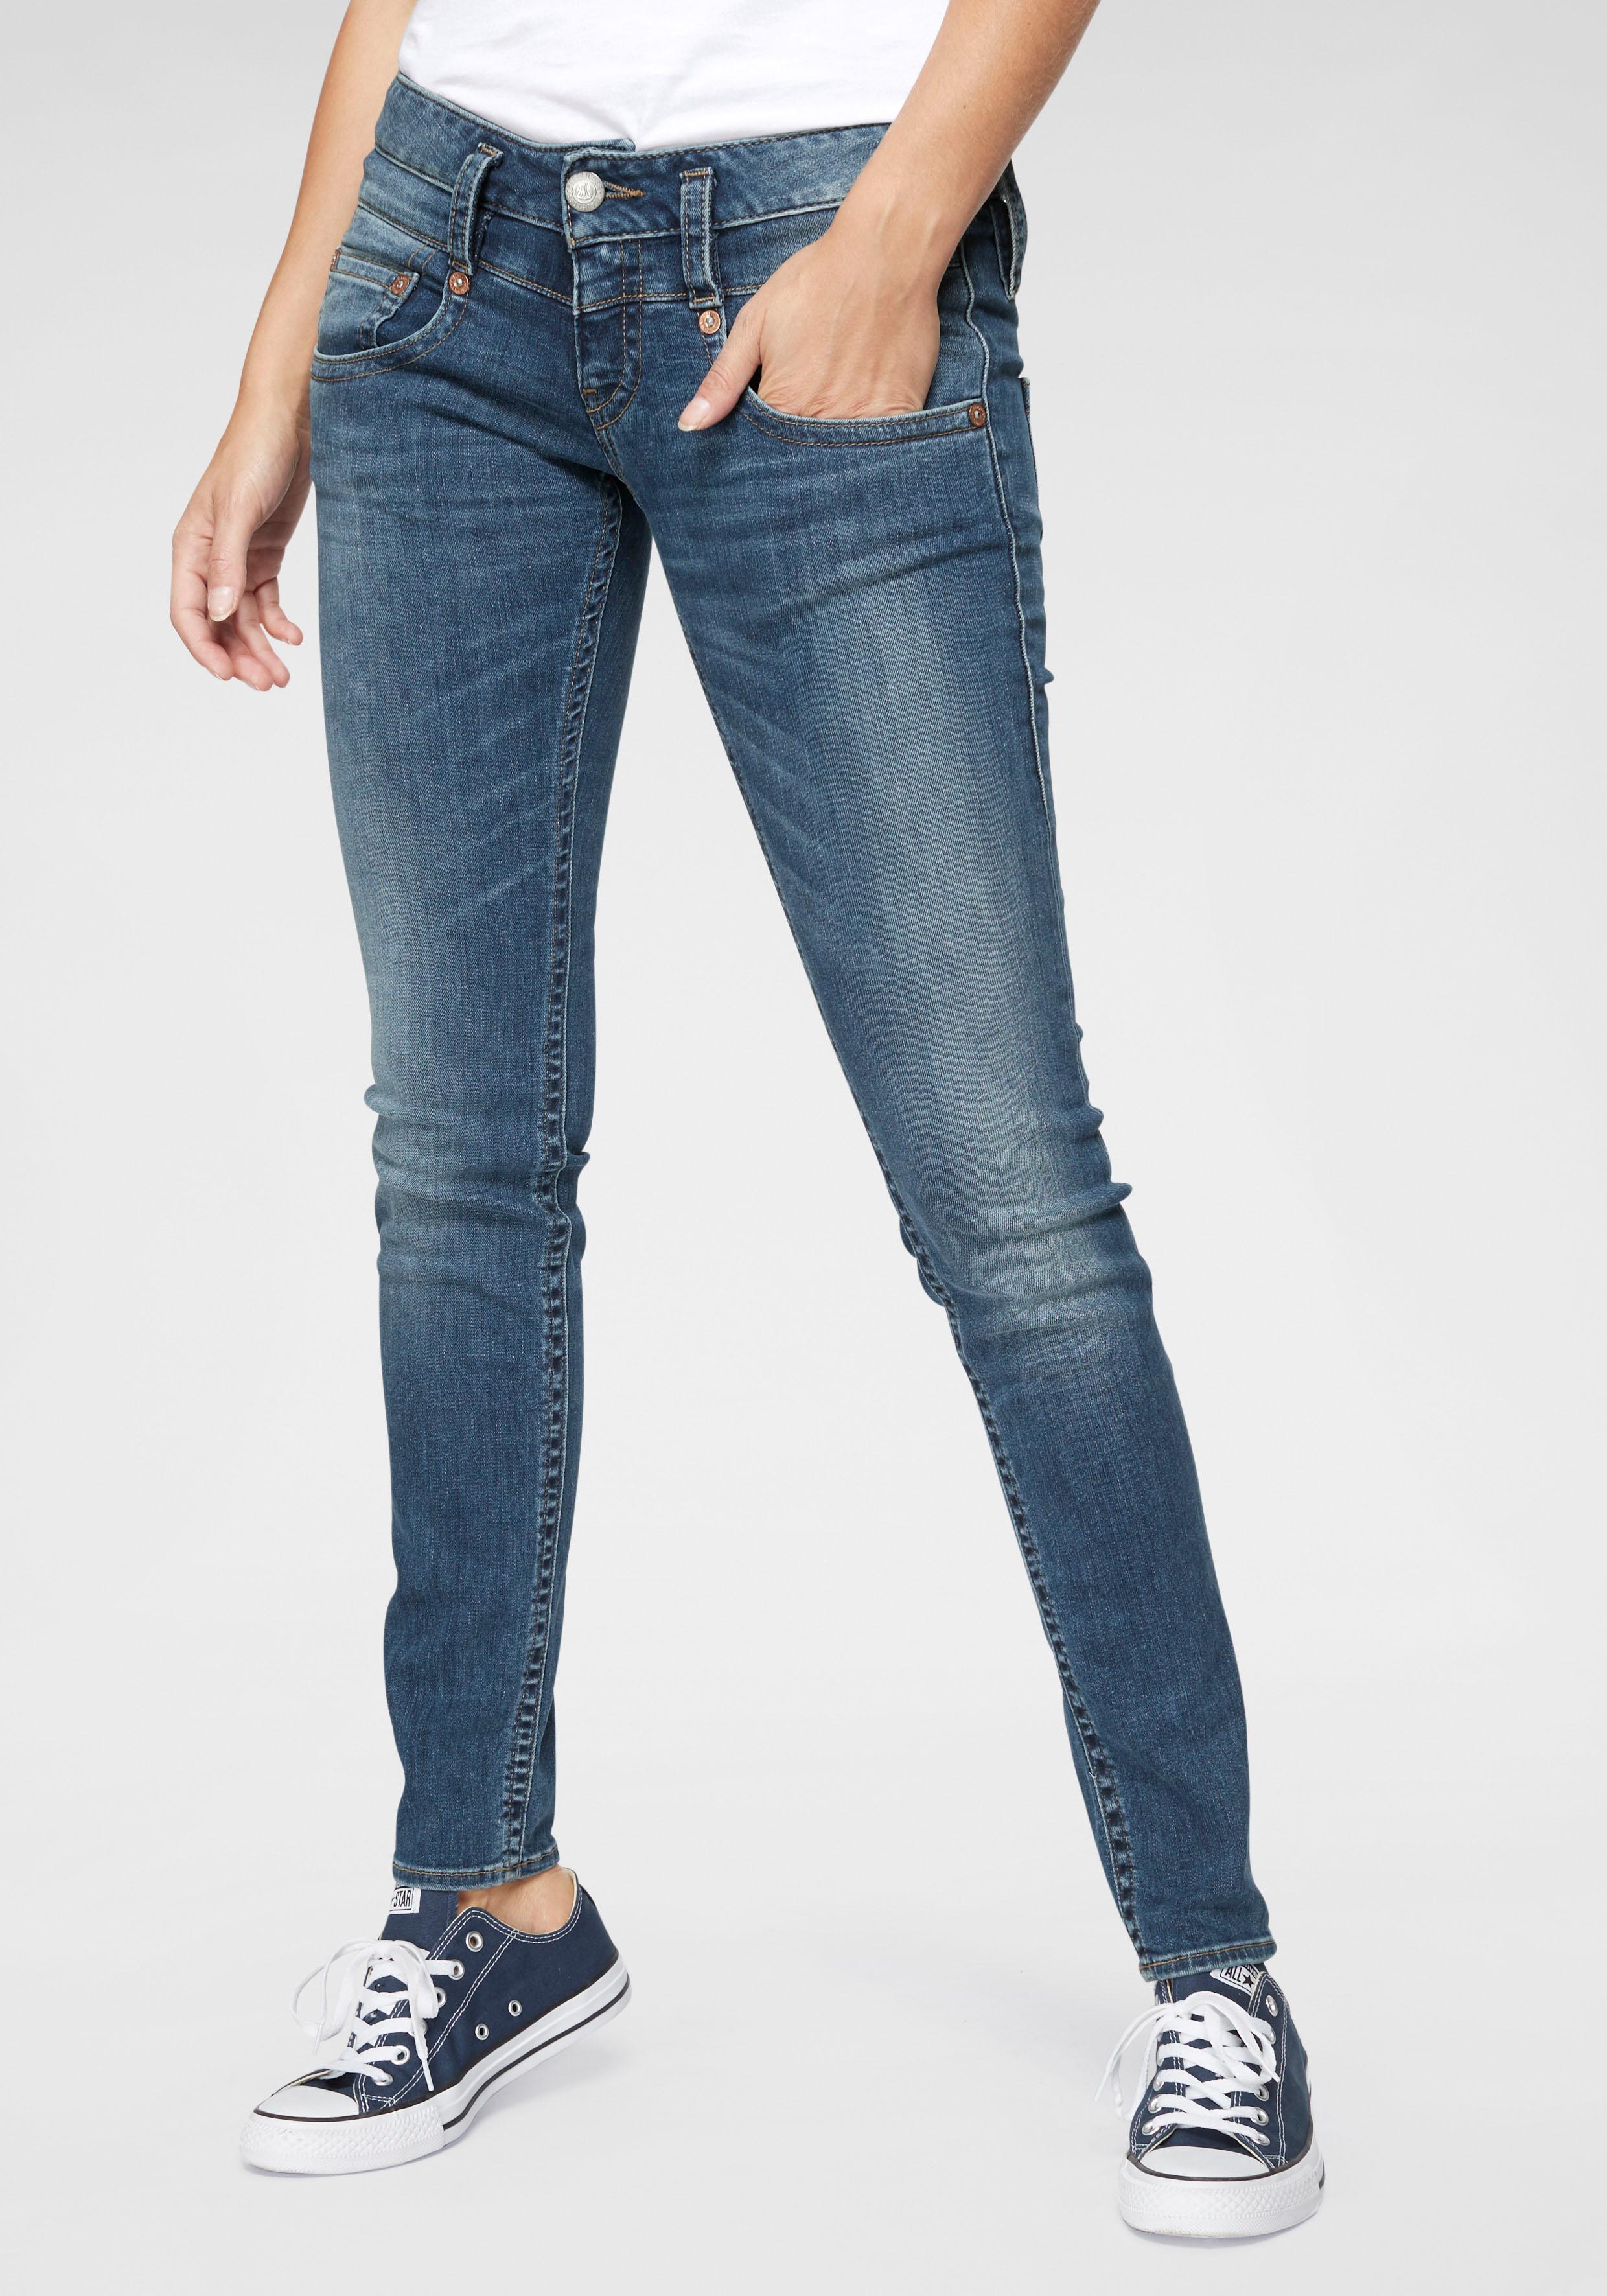 Herrlicher Slim-fit-Jeans PITCH SLIM   Bekleidung > Jeans   Herrlicher